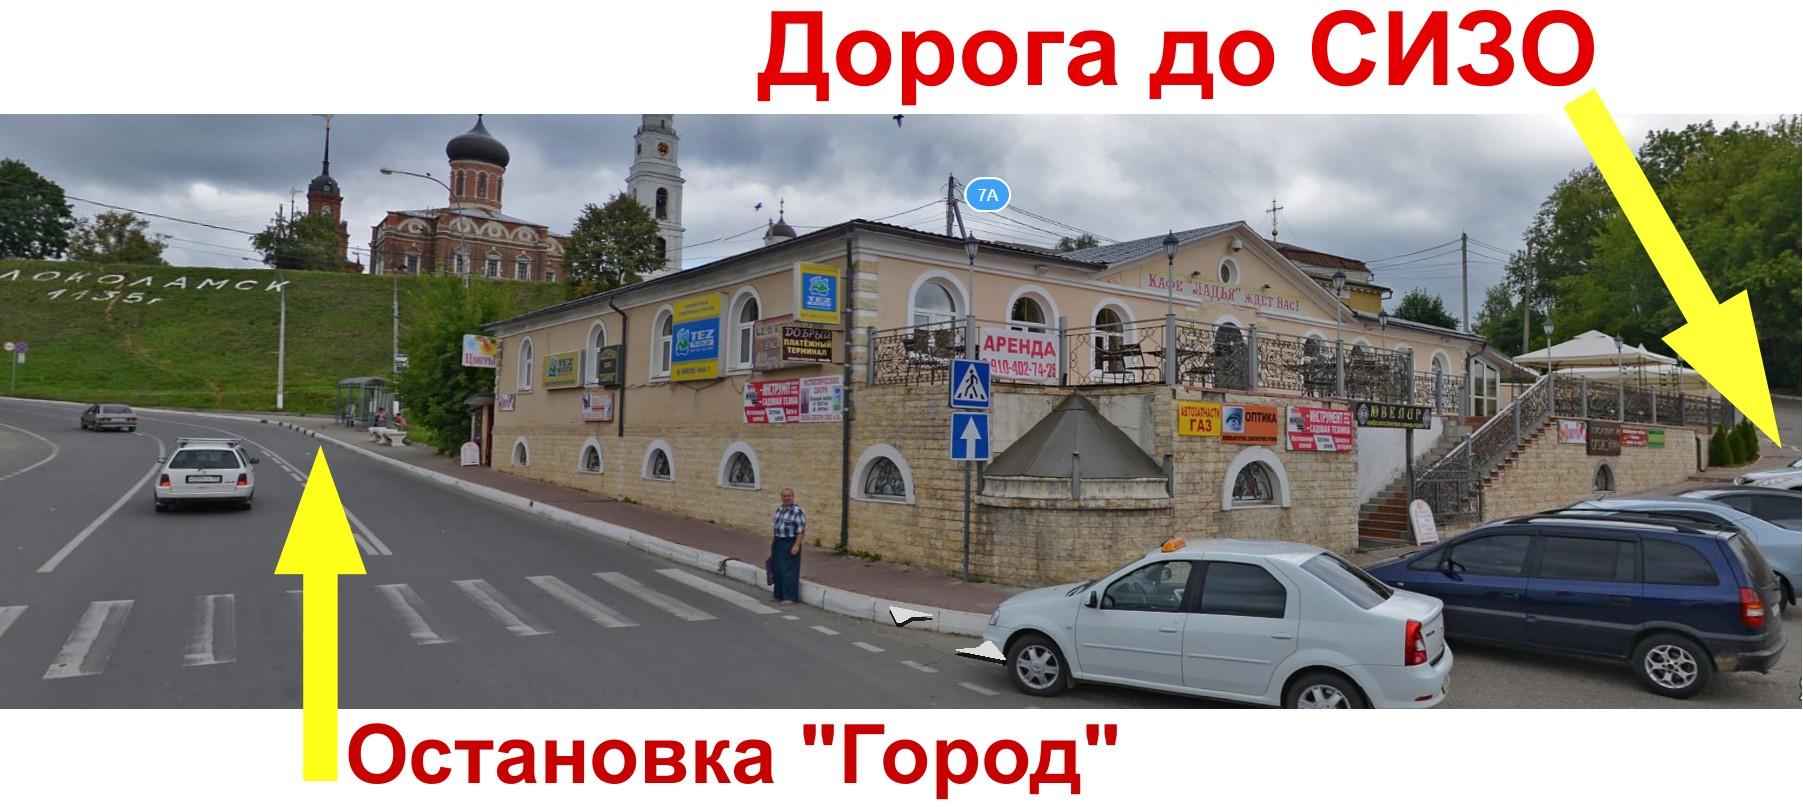 Схема как добраться до СИЗО Волоколамск